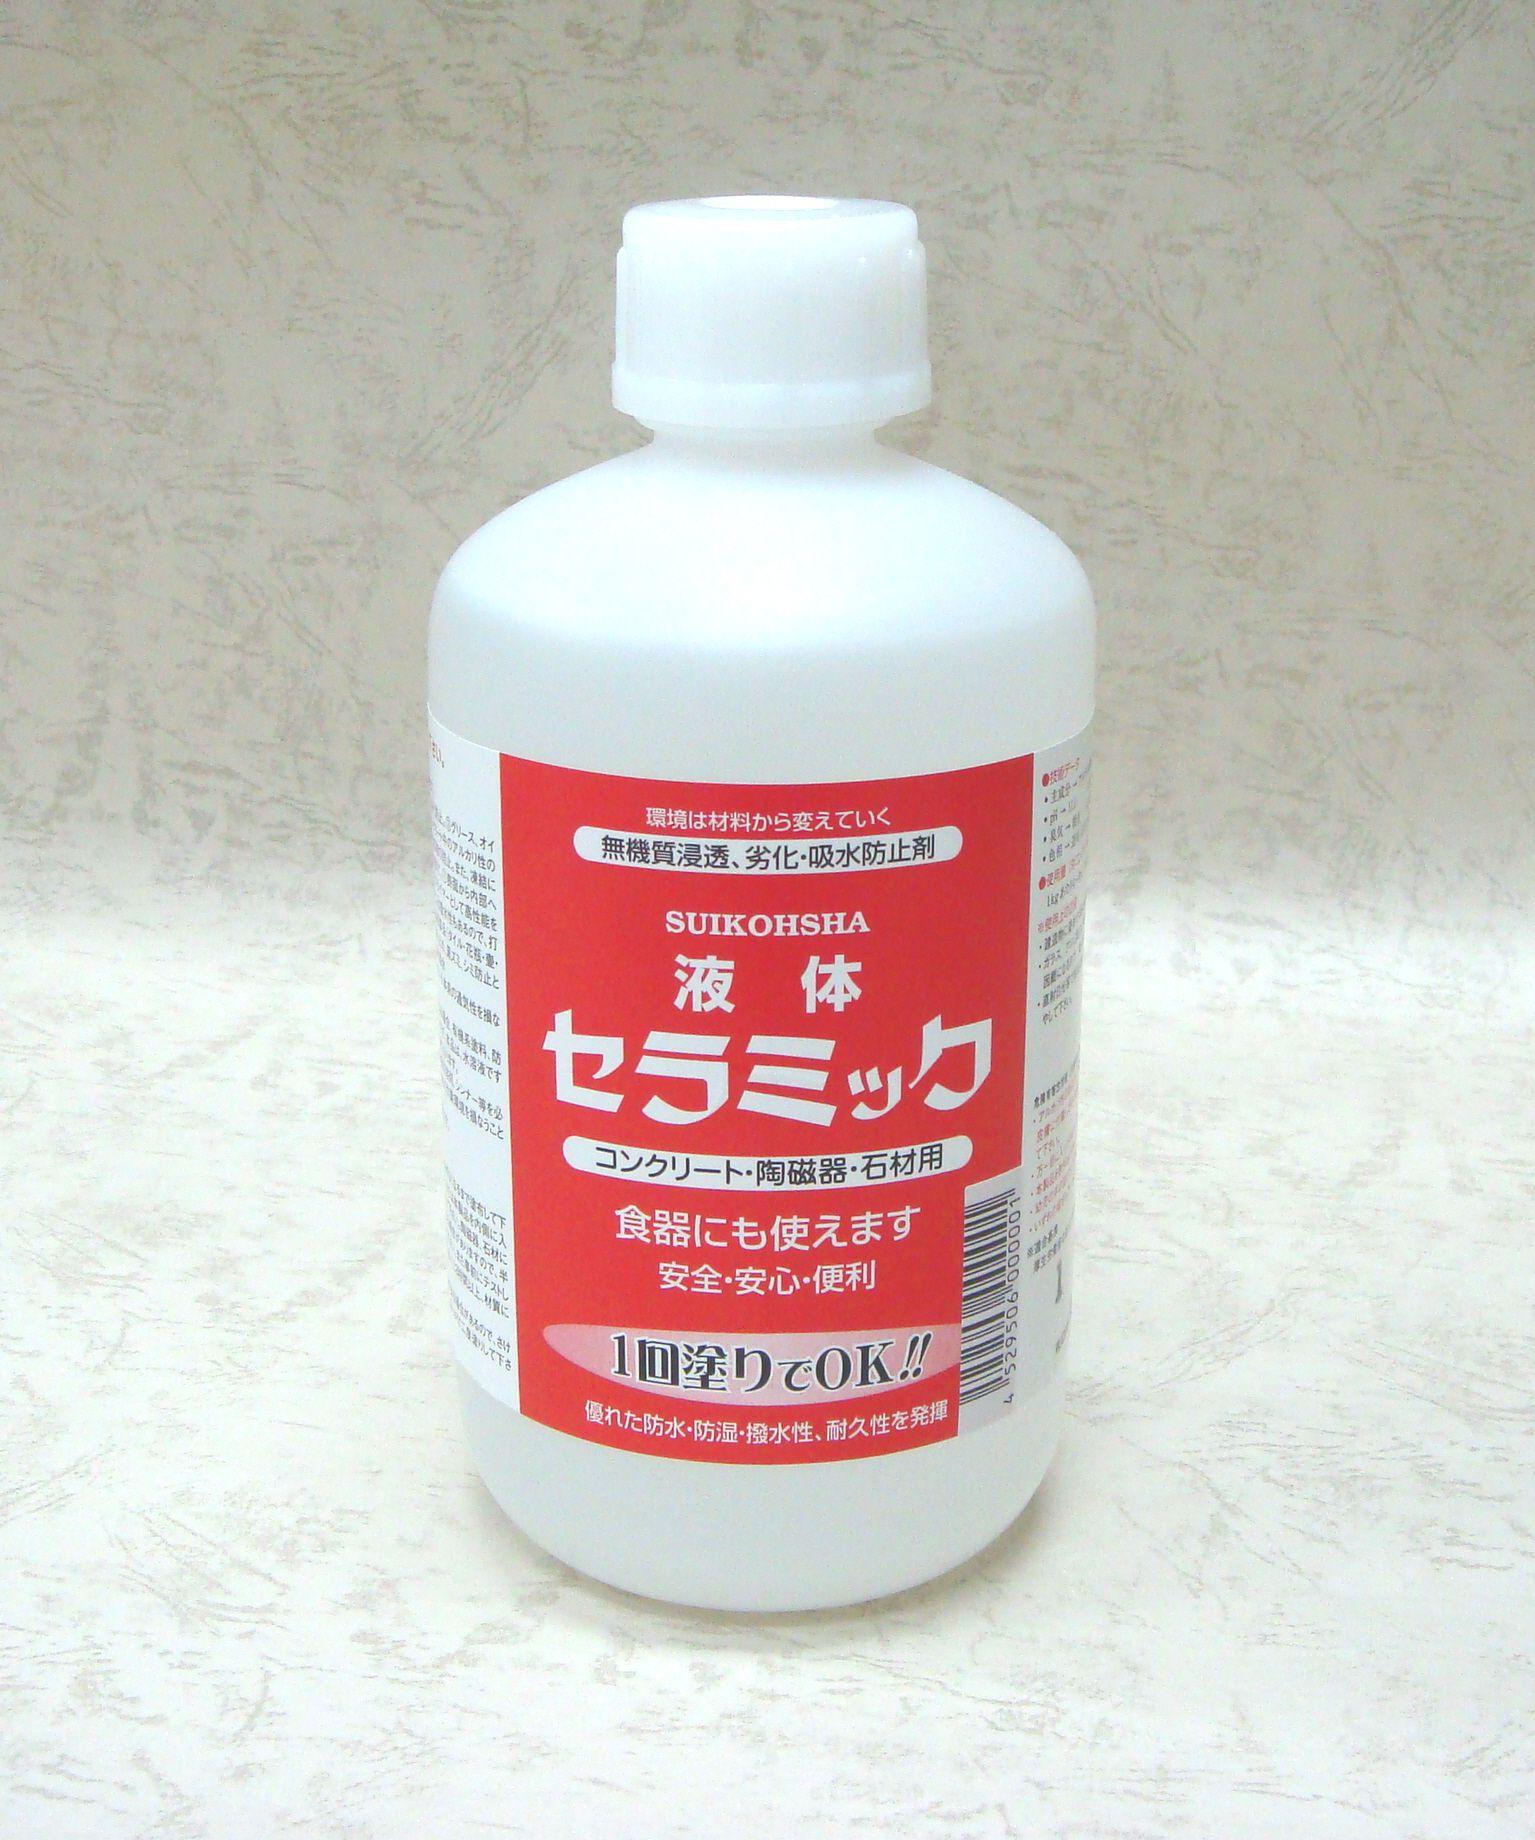 液体セラミック (水漏れ防止剤) 500g